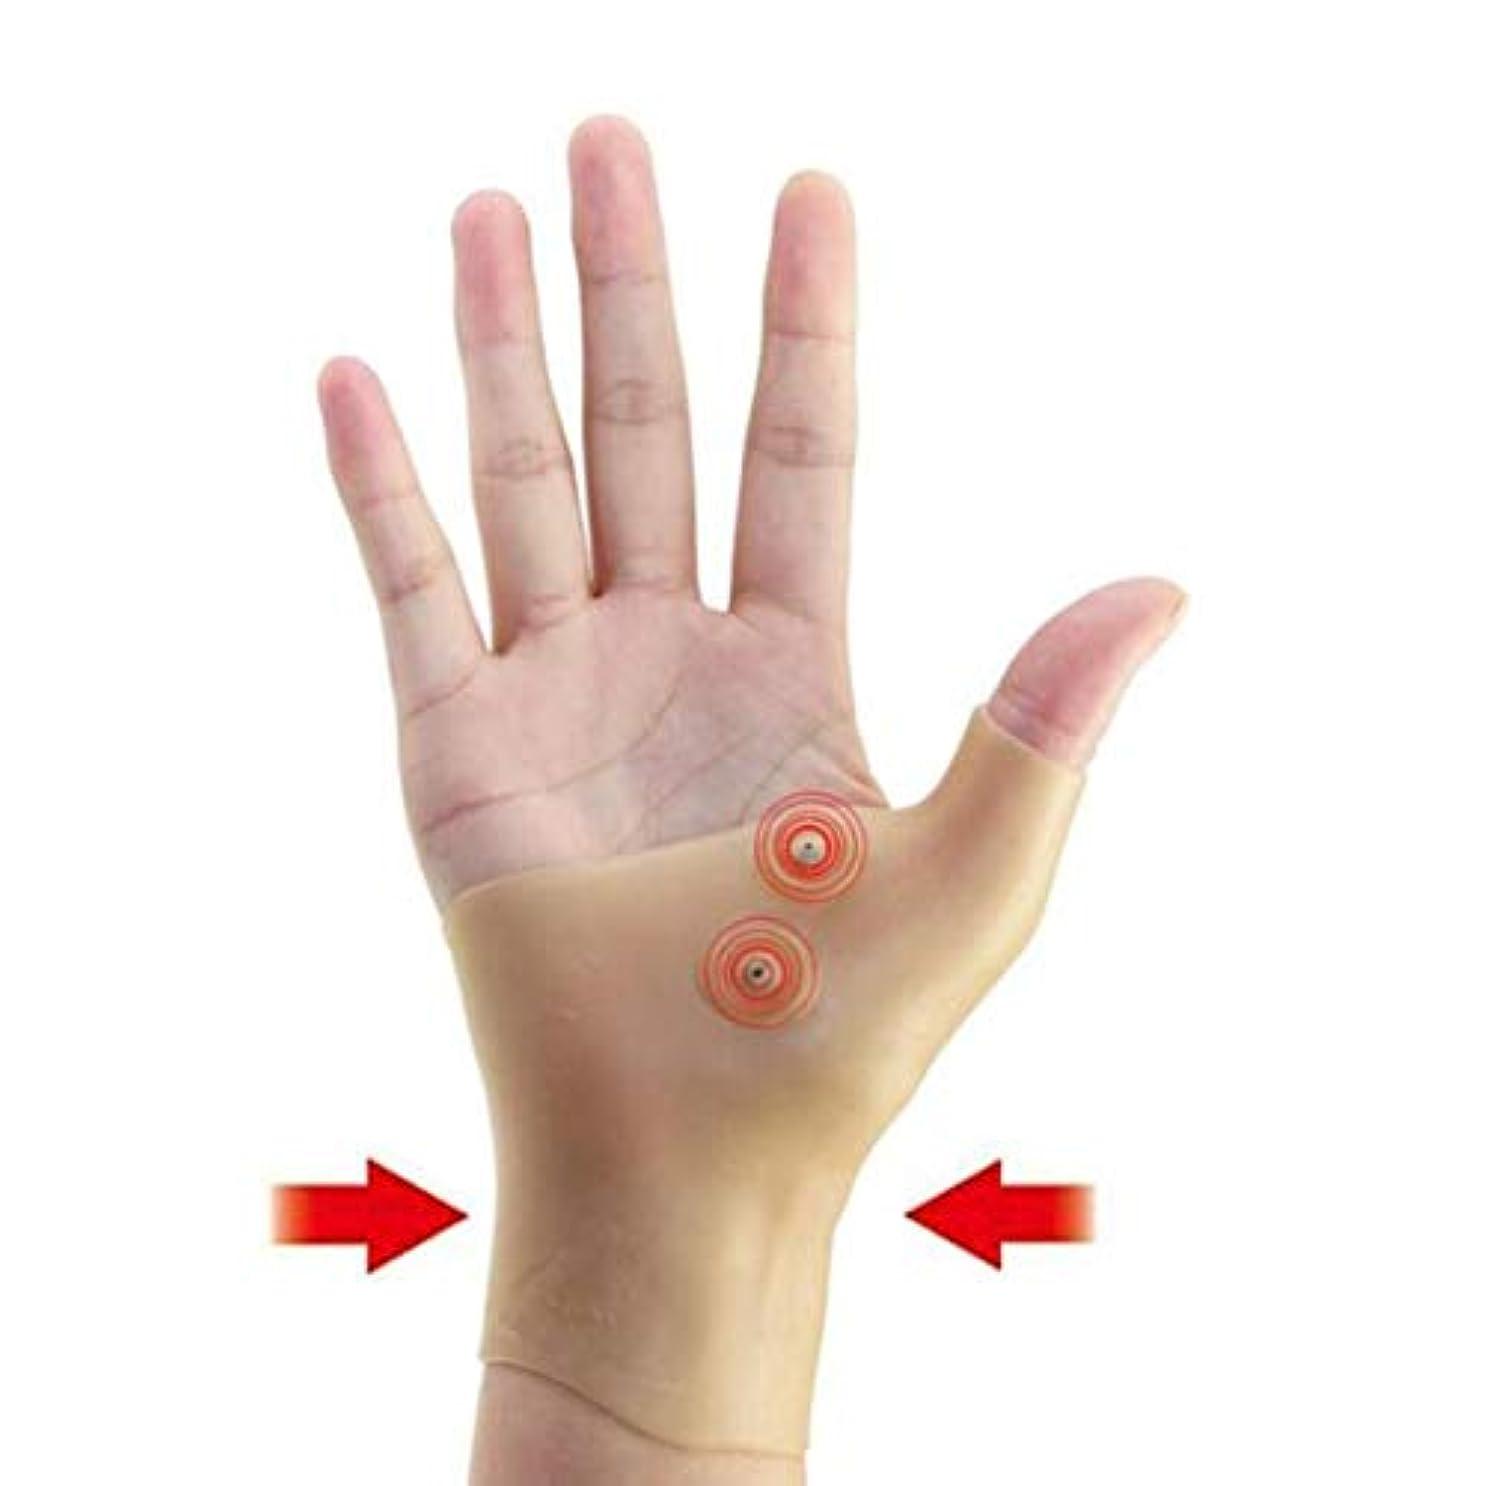 デッキ浜辺エゴマニア磁気療法手首手親指サポート手袋シリコーンゲル関節炎圧力矯正器マッサージ痛み緩和手袋 - 肌の色